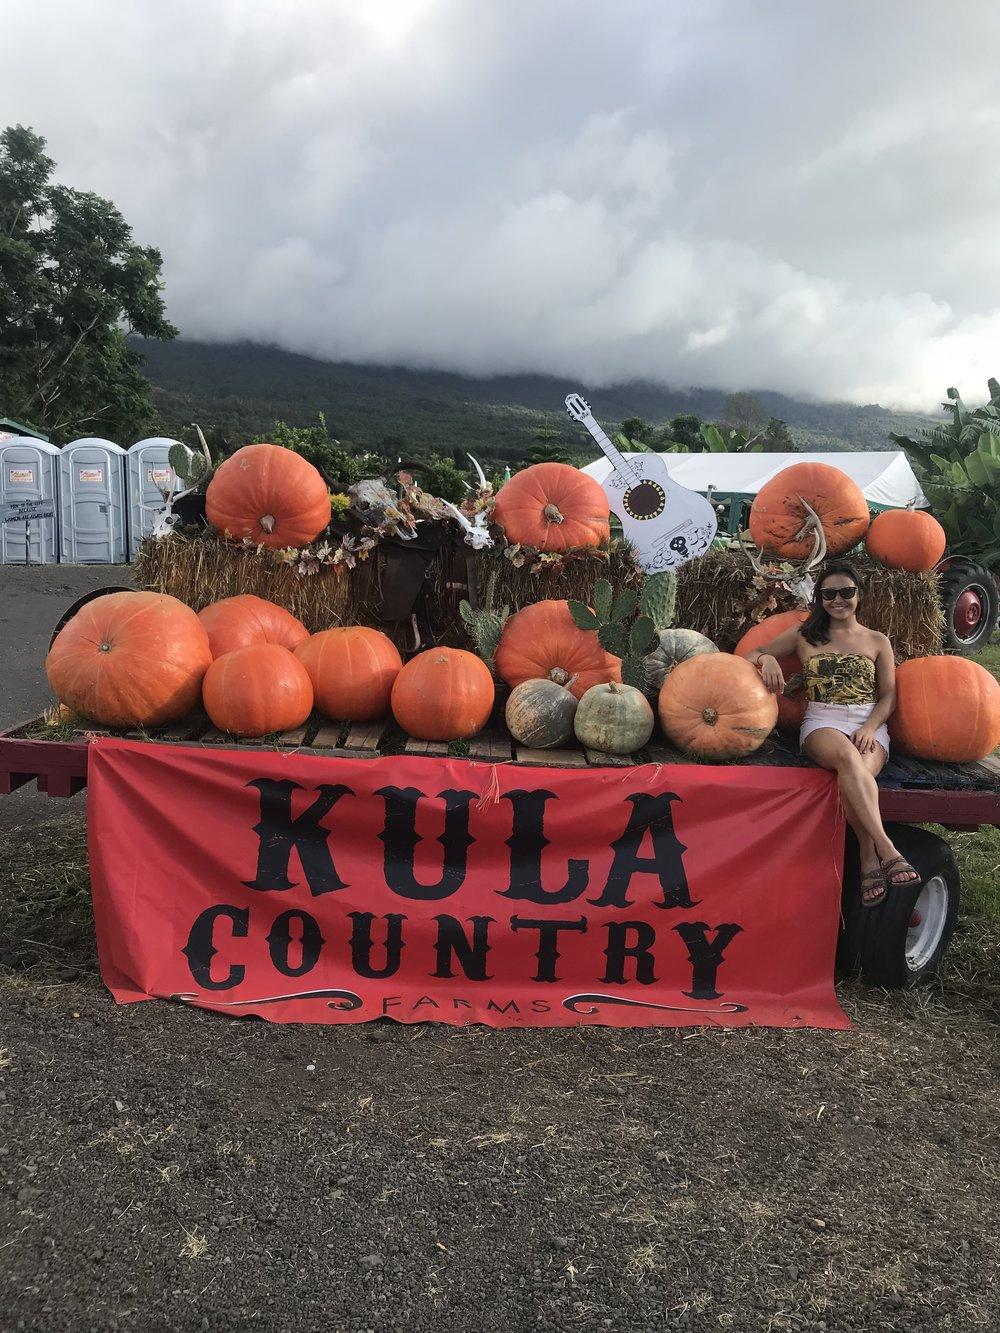 A quick stop at Kula County Farm